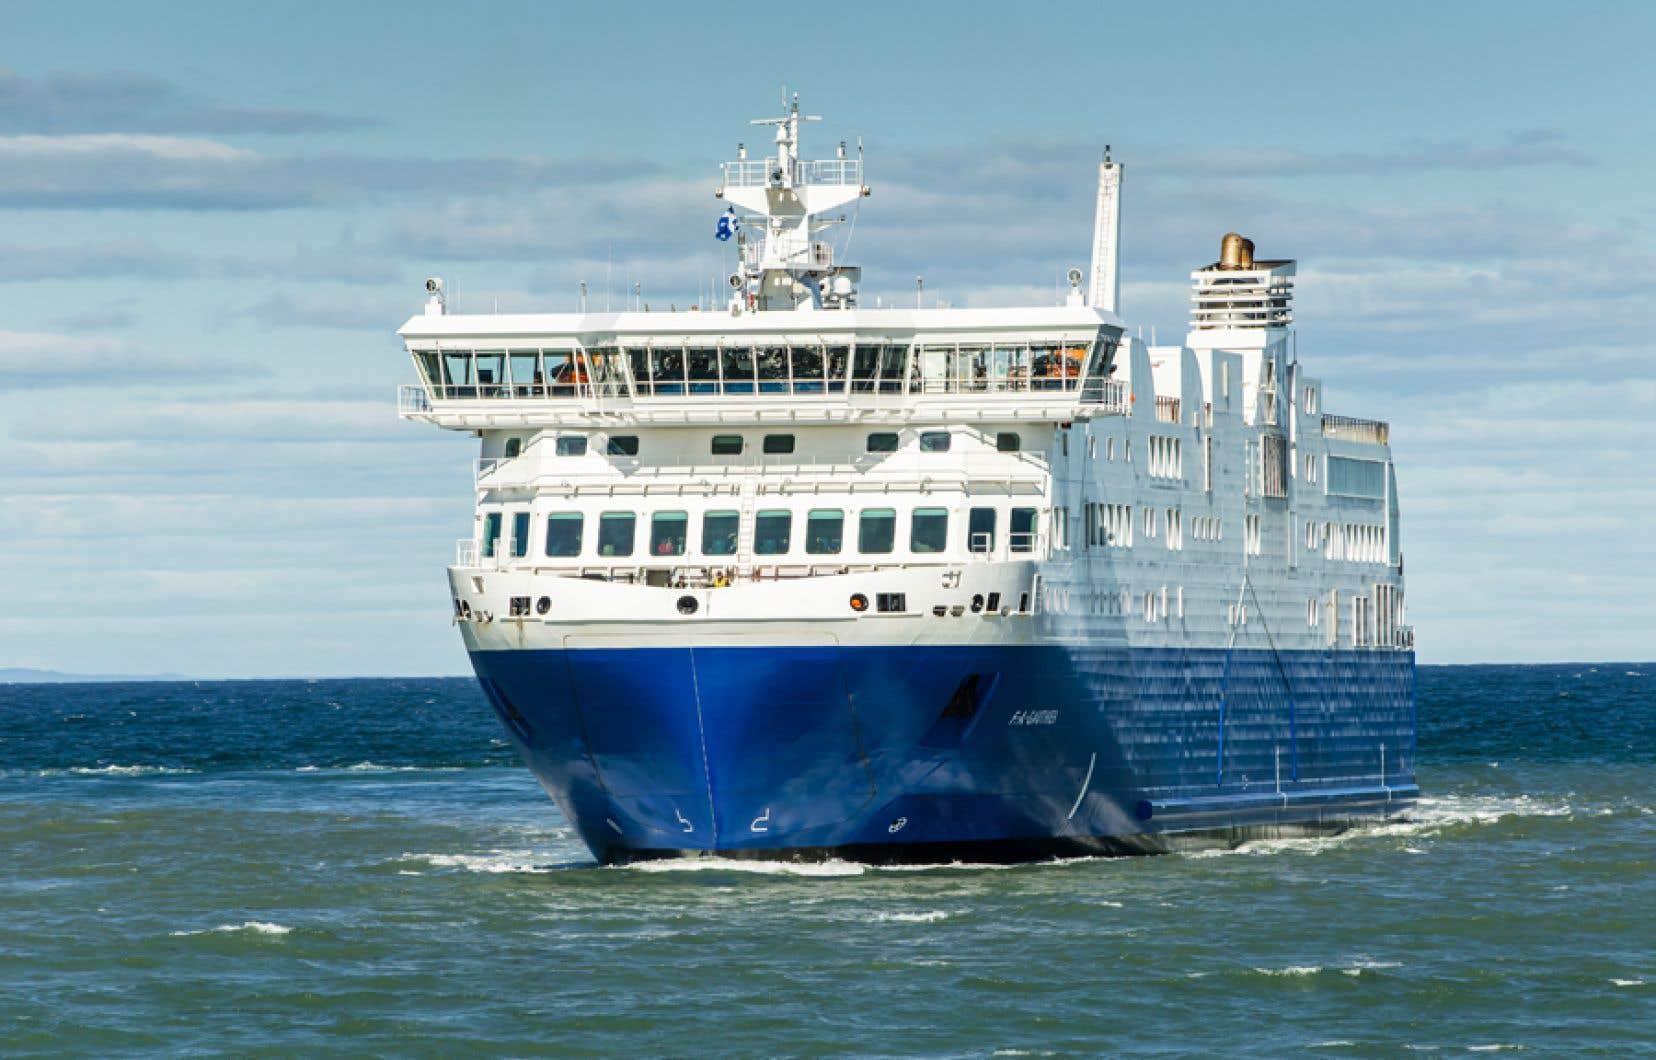 Le «NM F.-A.-Gauthier» a été mis en service en 2015 et retiré du fleuve en 2018, pendant 13 mois, en raison d'un bris des propulseurs. Il a été remis en service en janvier 2020.